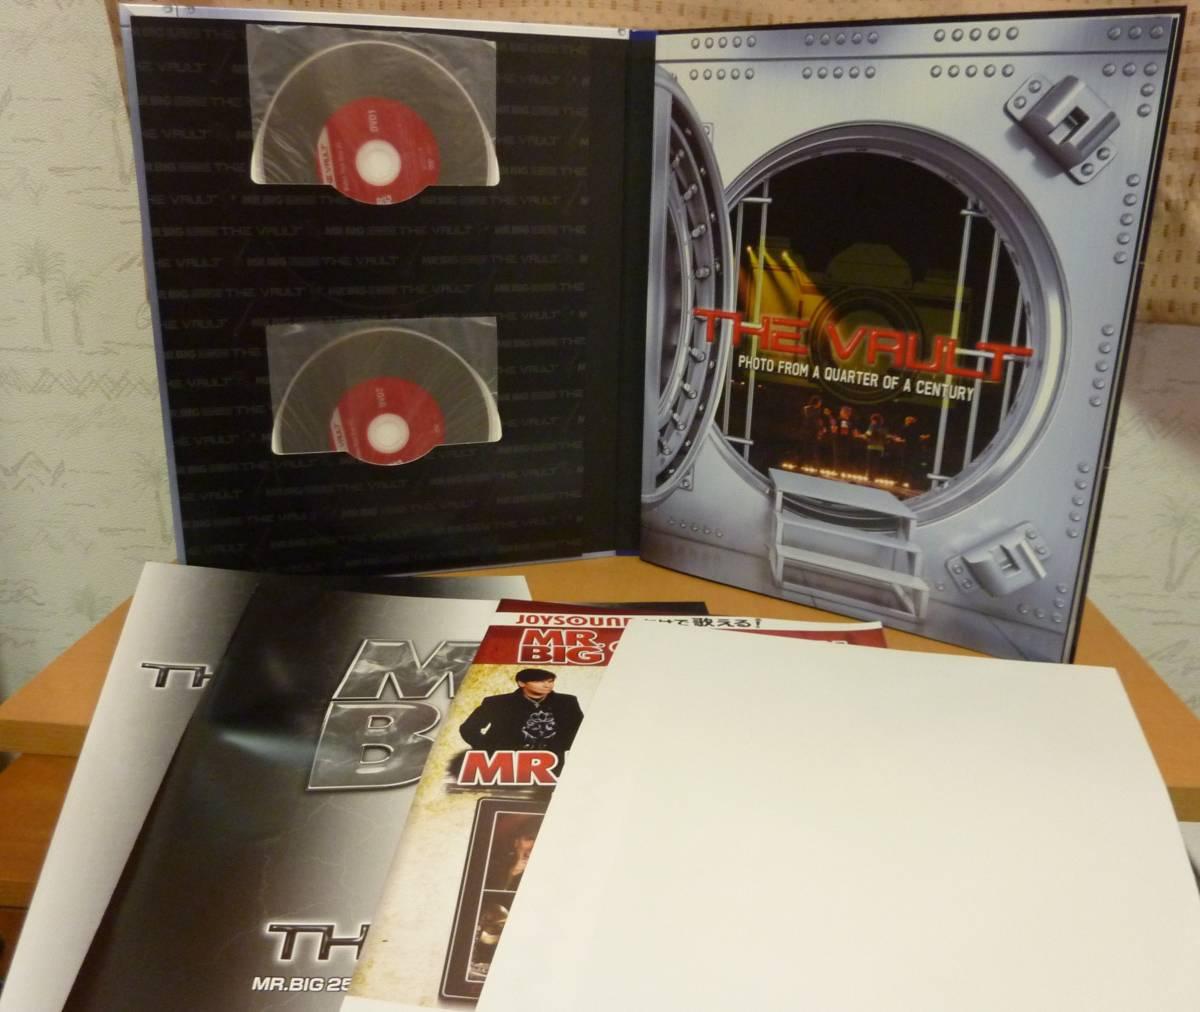 帯付【20CD+2DVD+フォトブック他】Mr. BIG THE VAULT アーカイヴ・コレクション ザ・ヴォールト【中古品】IEZP-100 MRBIG-2_画像7